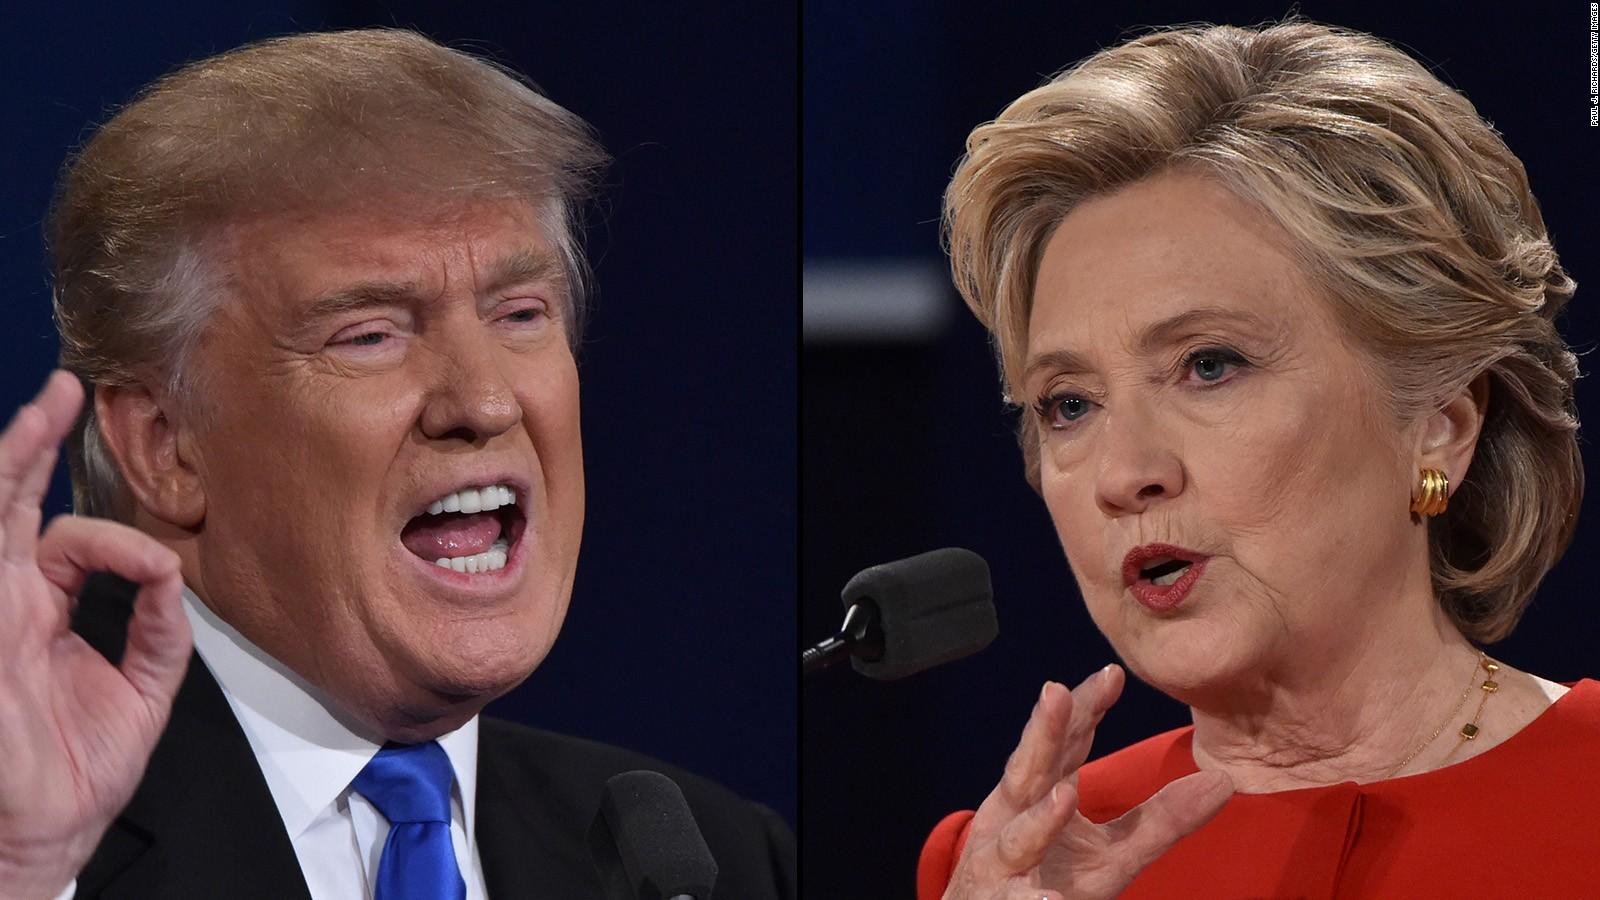 从美国总统候选人的道德标准的降低看美国社会的道德沦丧 - 纽约文摘 - 纽约文摘